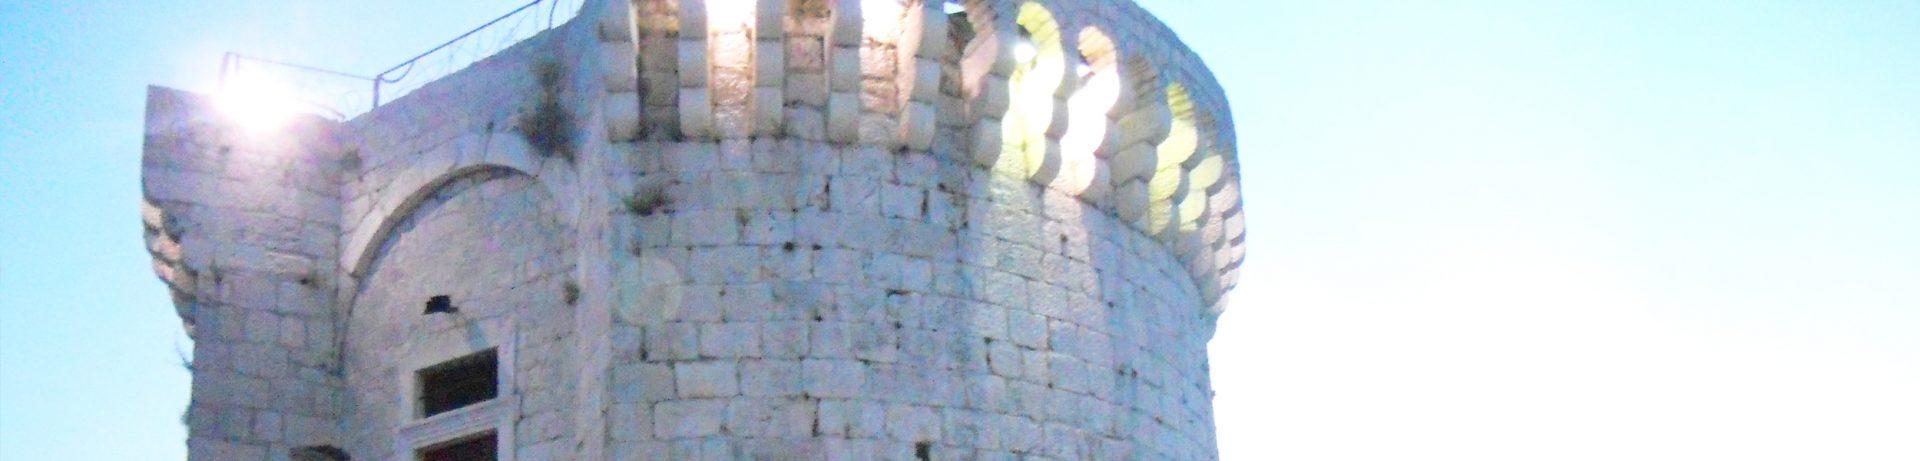 Przewodnik po Trogirze - Wieża św